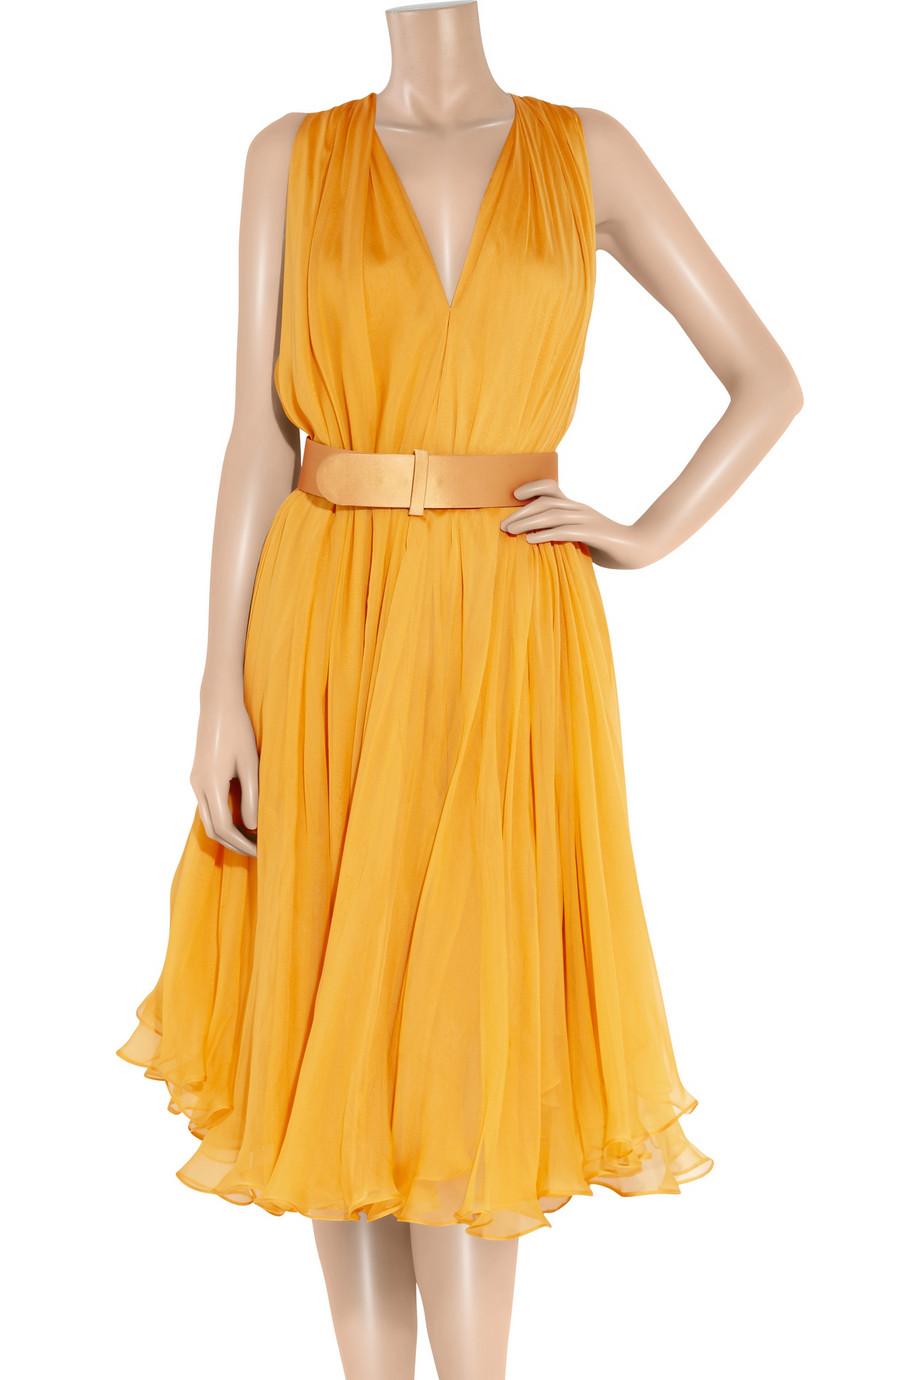 Alexander McQueen Yellow Dresses